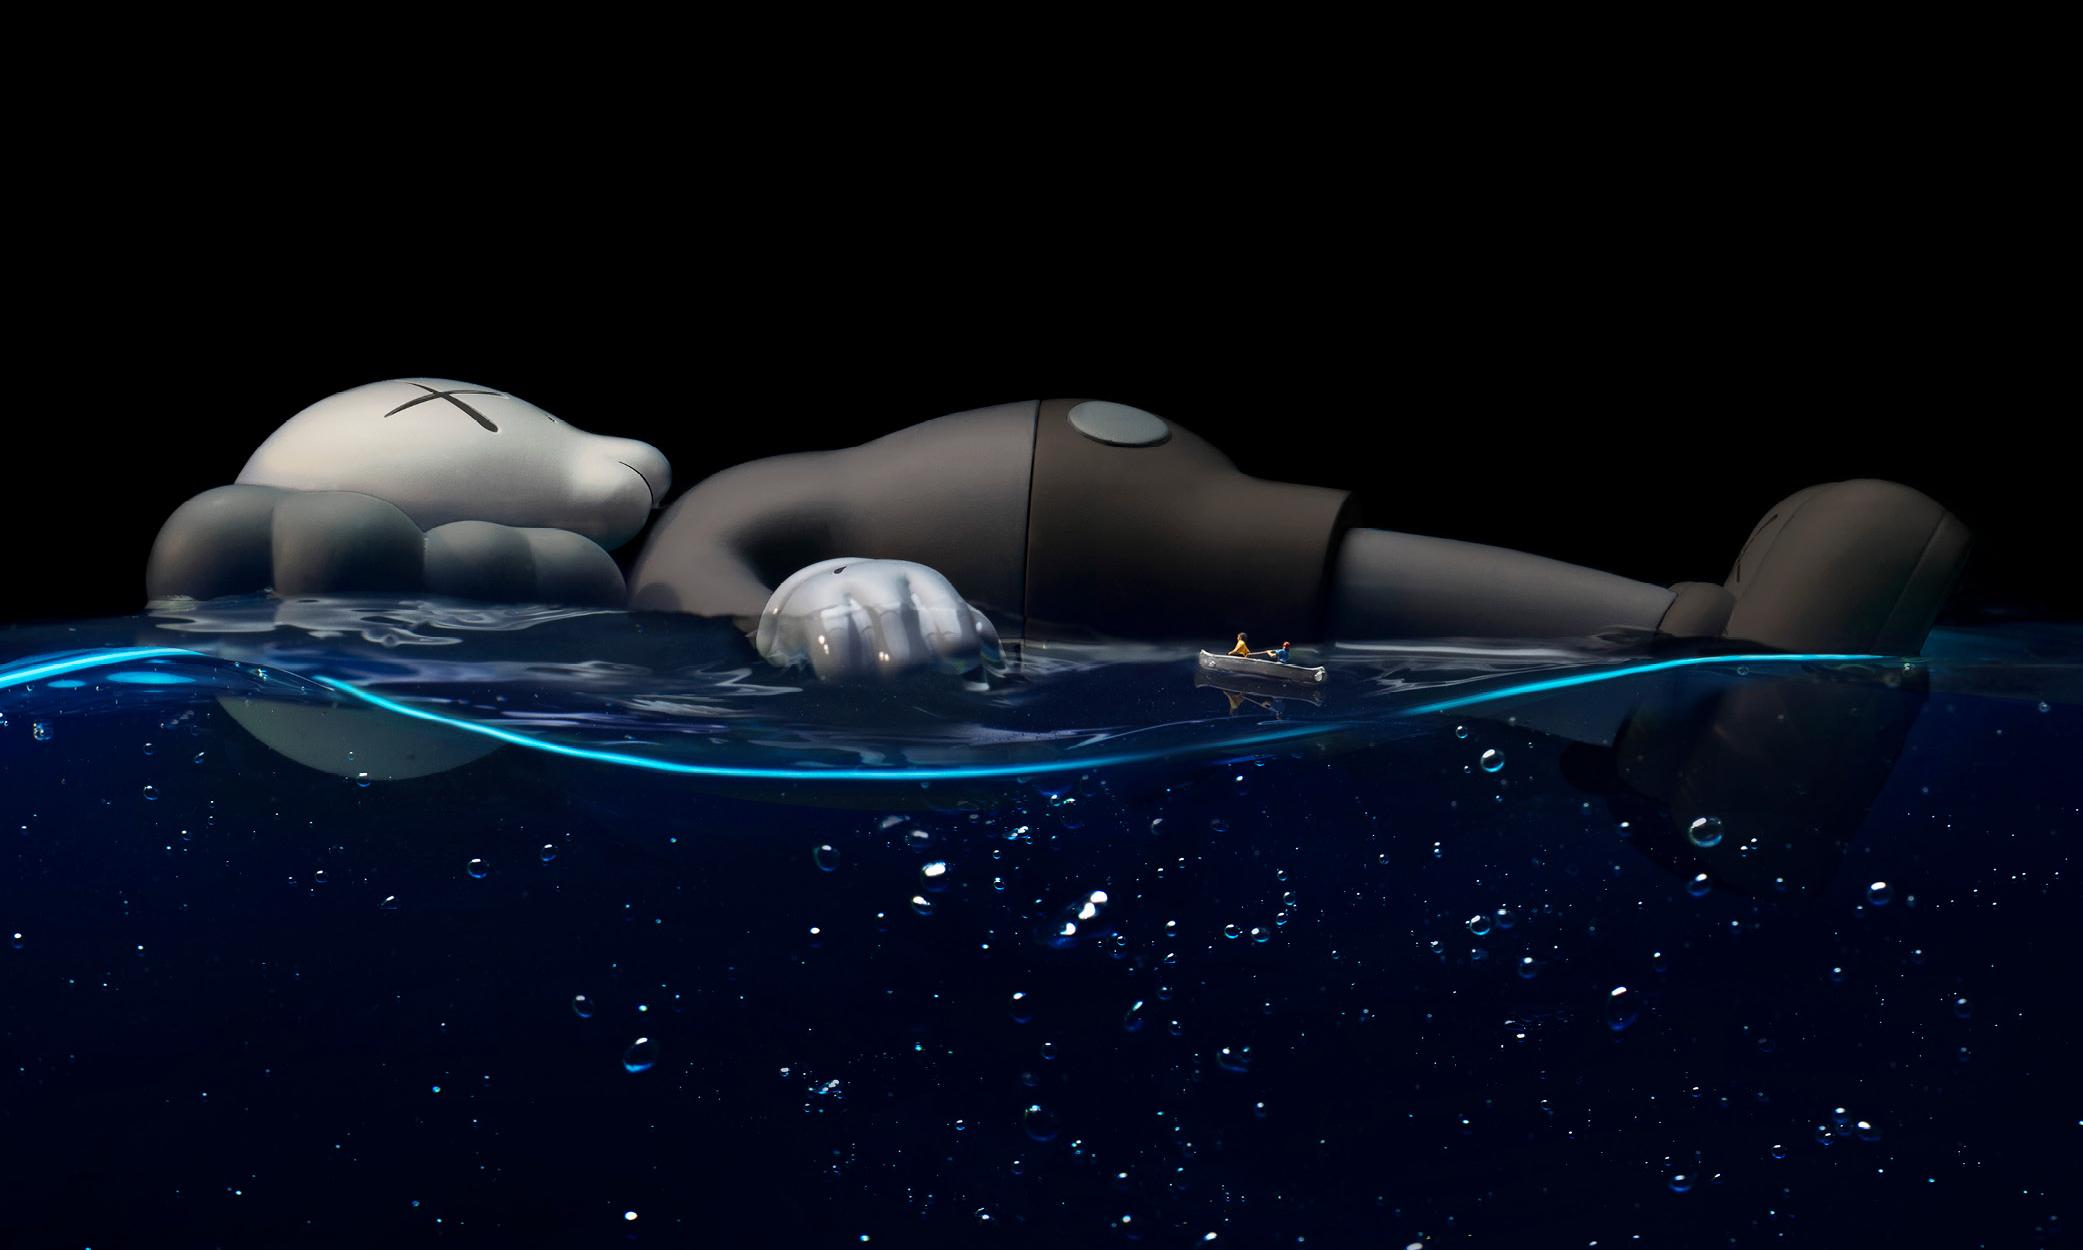 《KAWS:HOLIDAY》世界巡回展览,今夏将于韩国揭开序幕